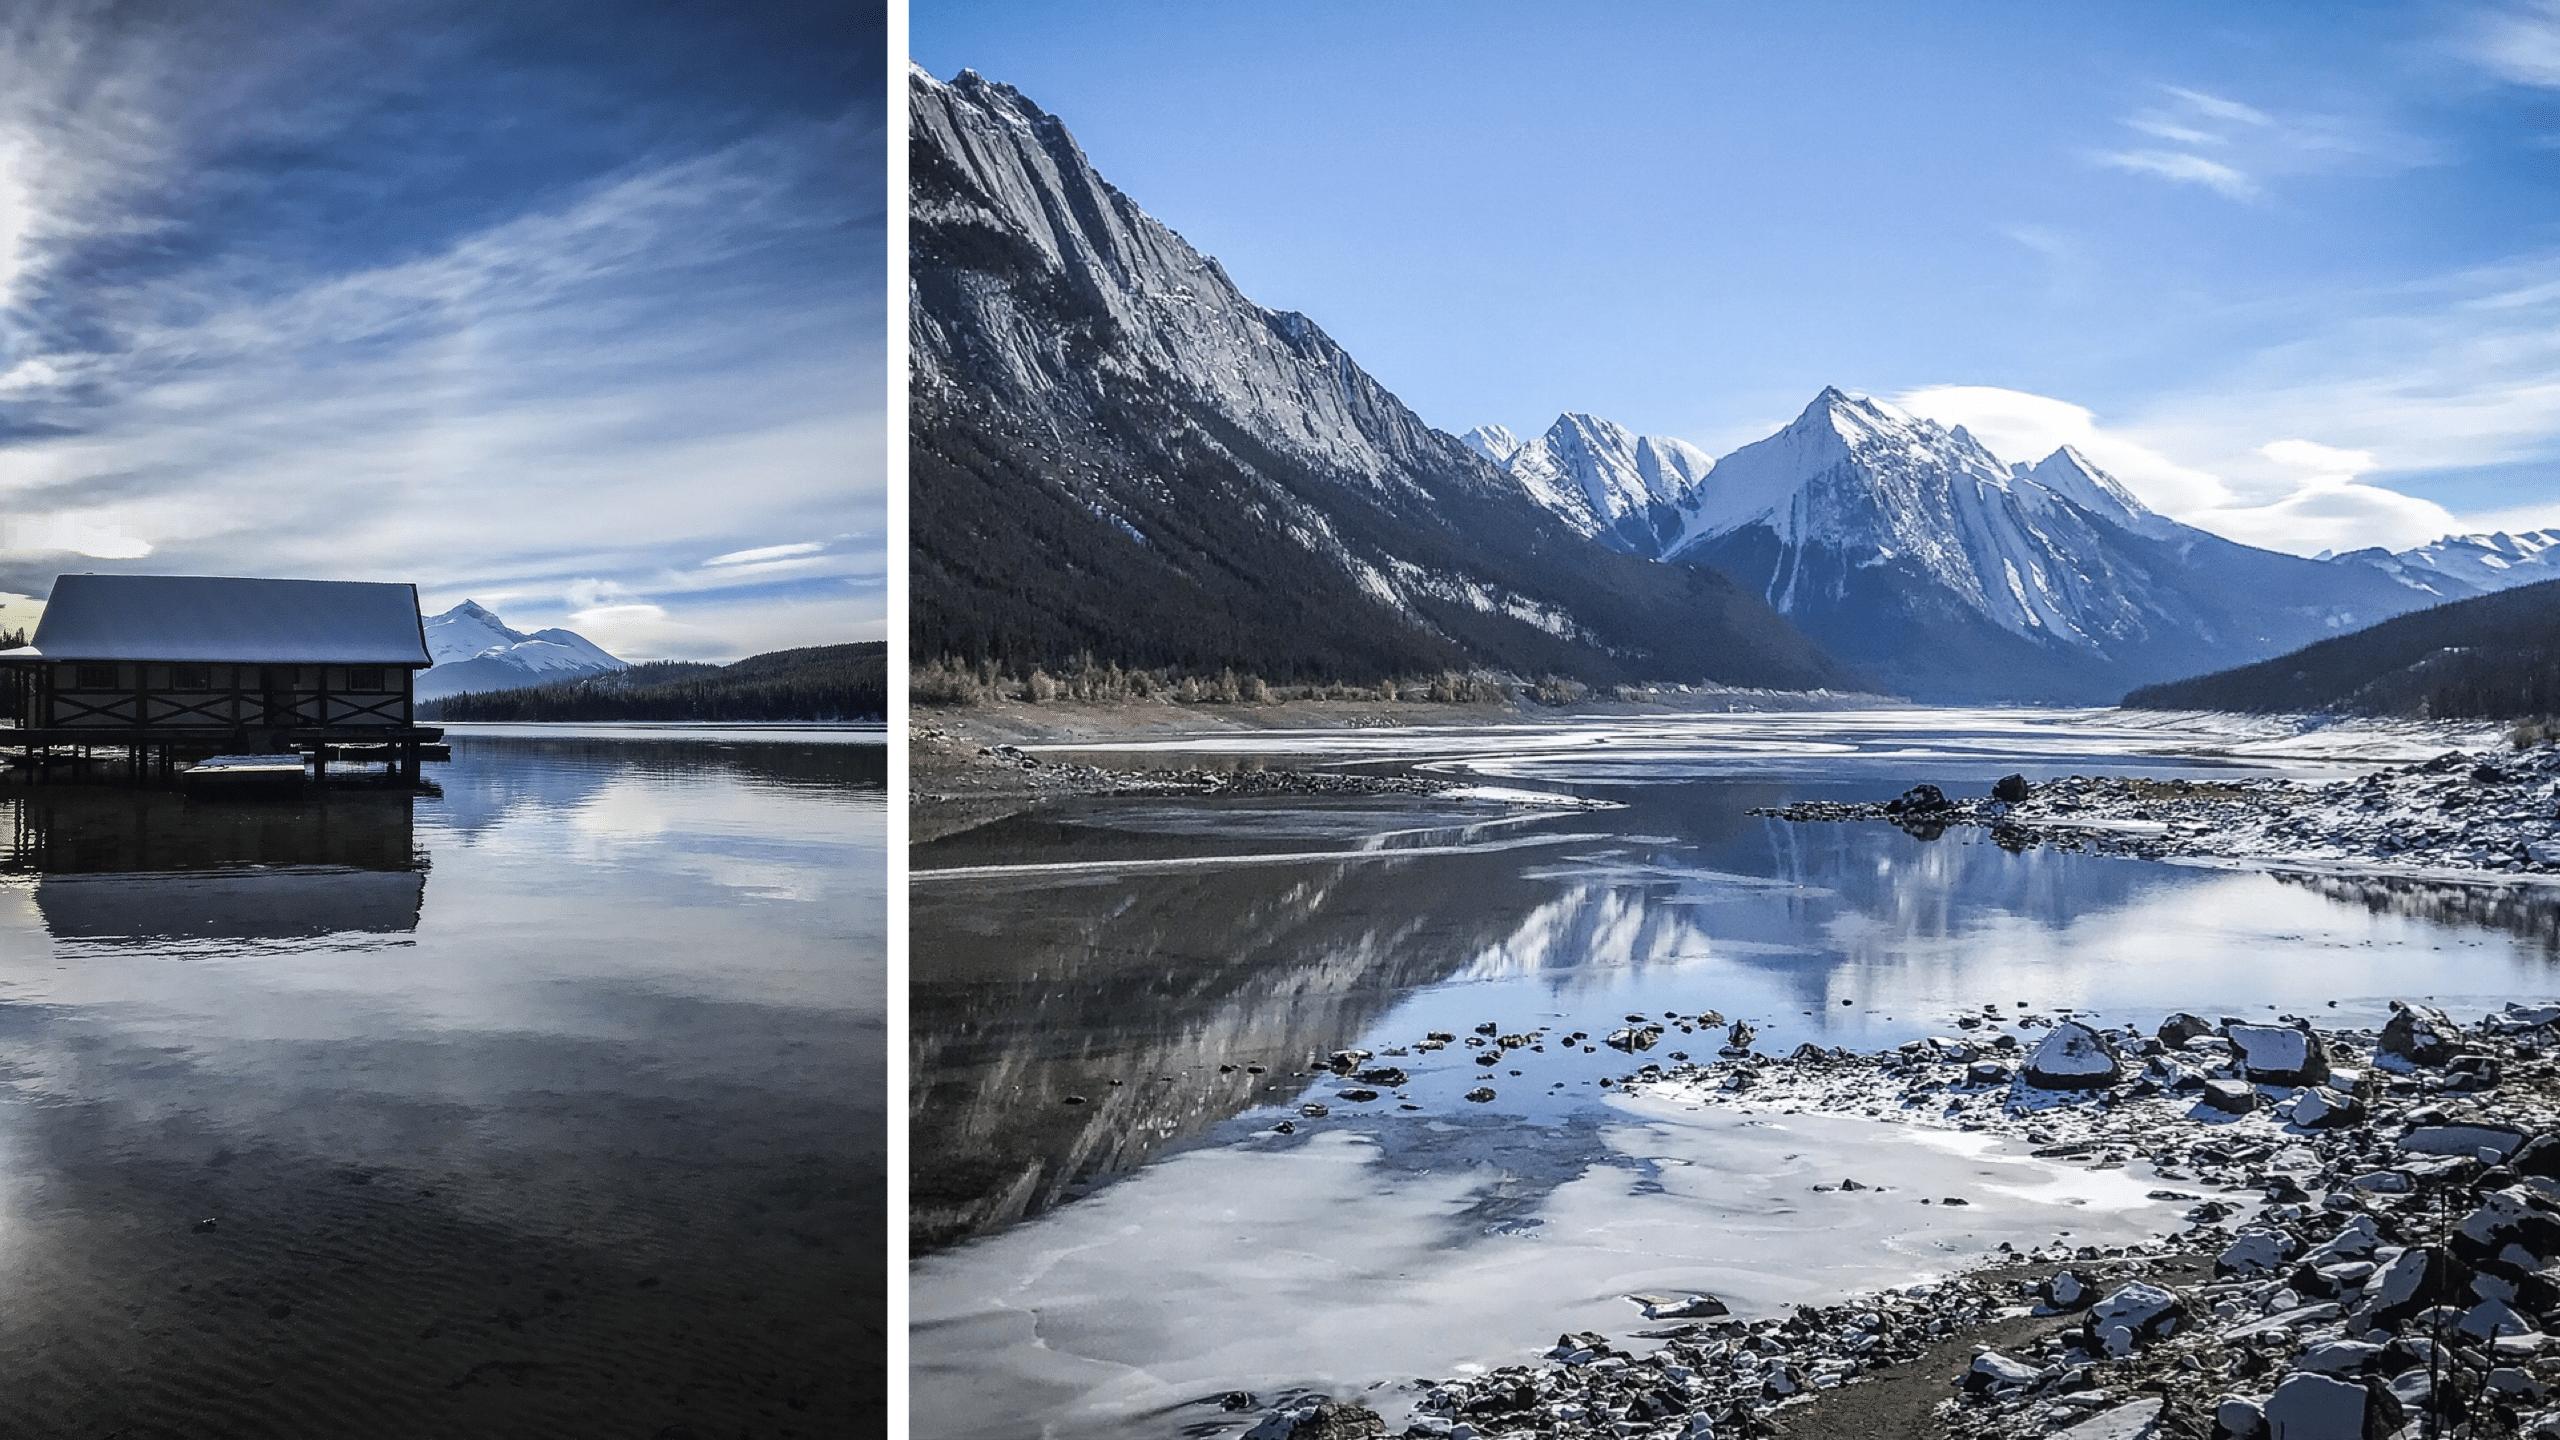 Les lacs médicine et maligne dans les rocheuses canadiennes